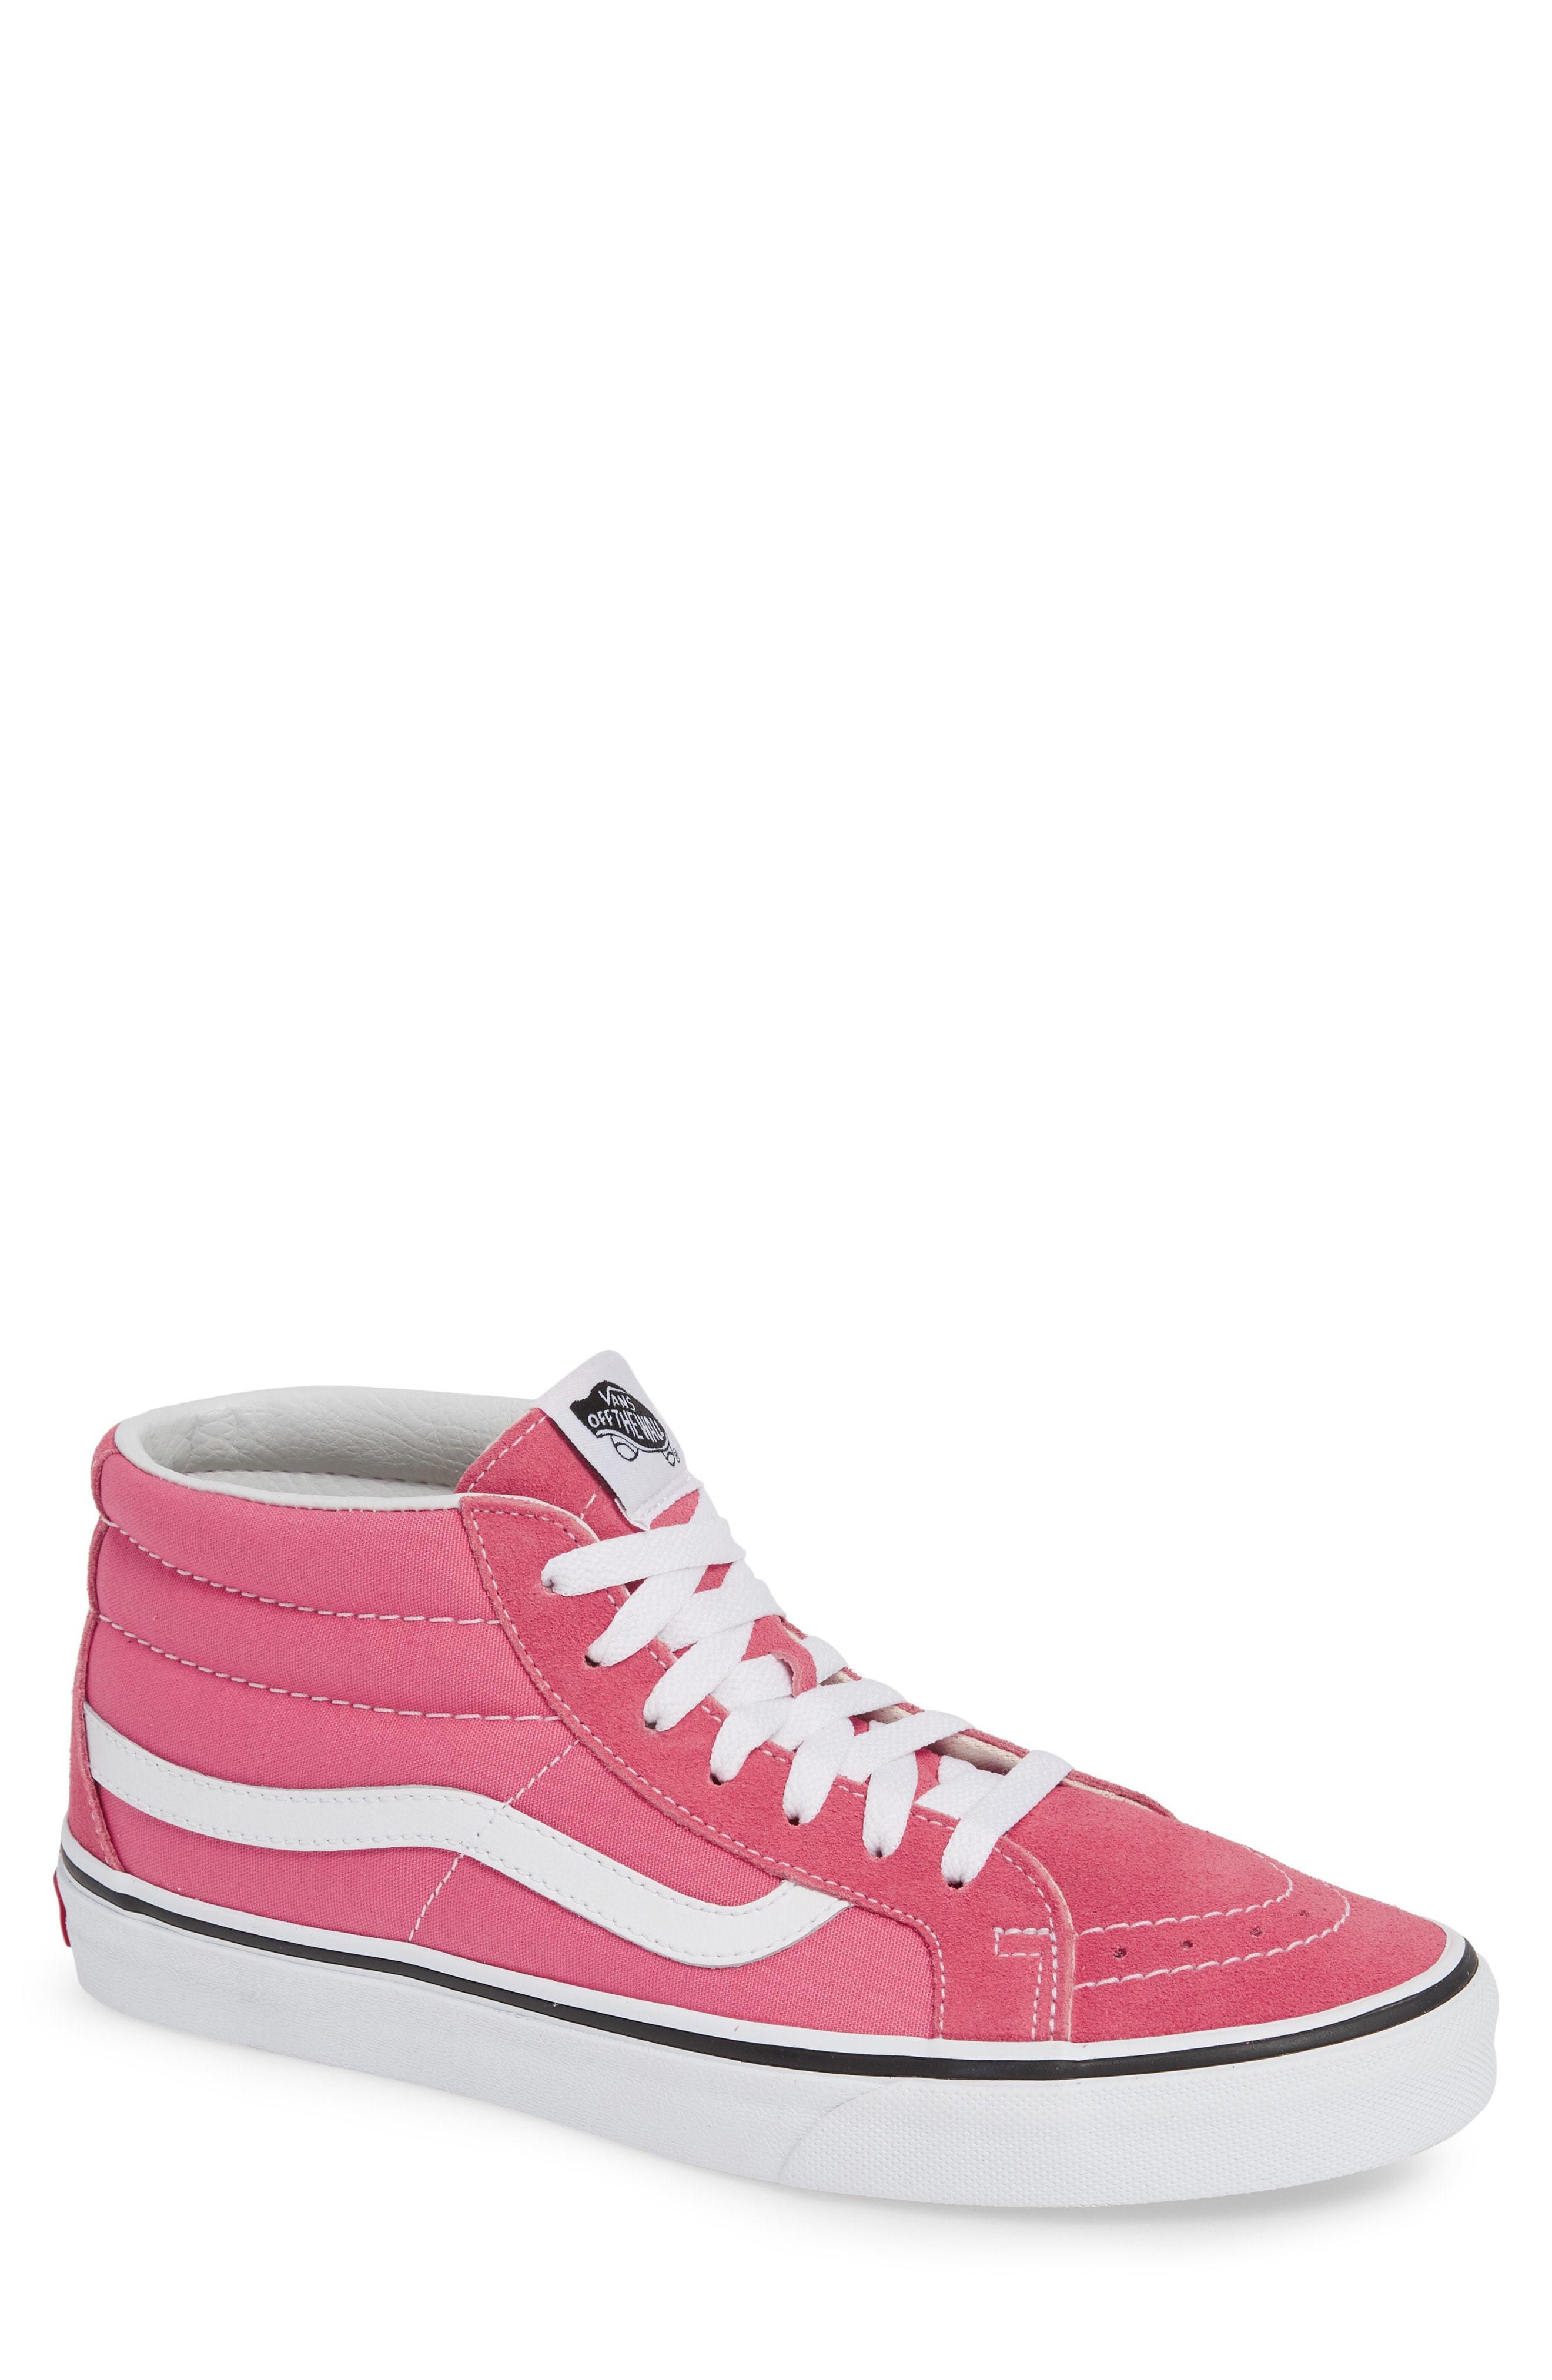 03bfb1c4647855 ... Hot Pink Suede High Top Sneakers Vans Sk8 Mid Reissue Sneaker